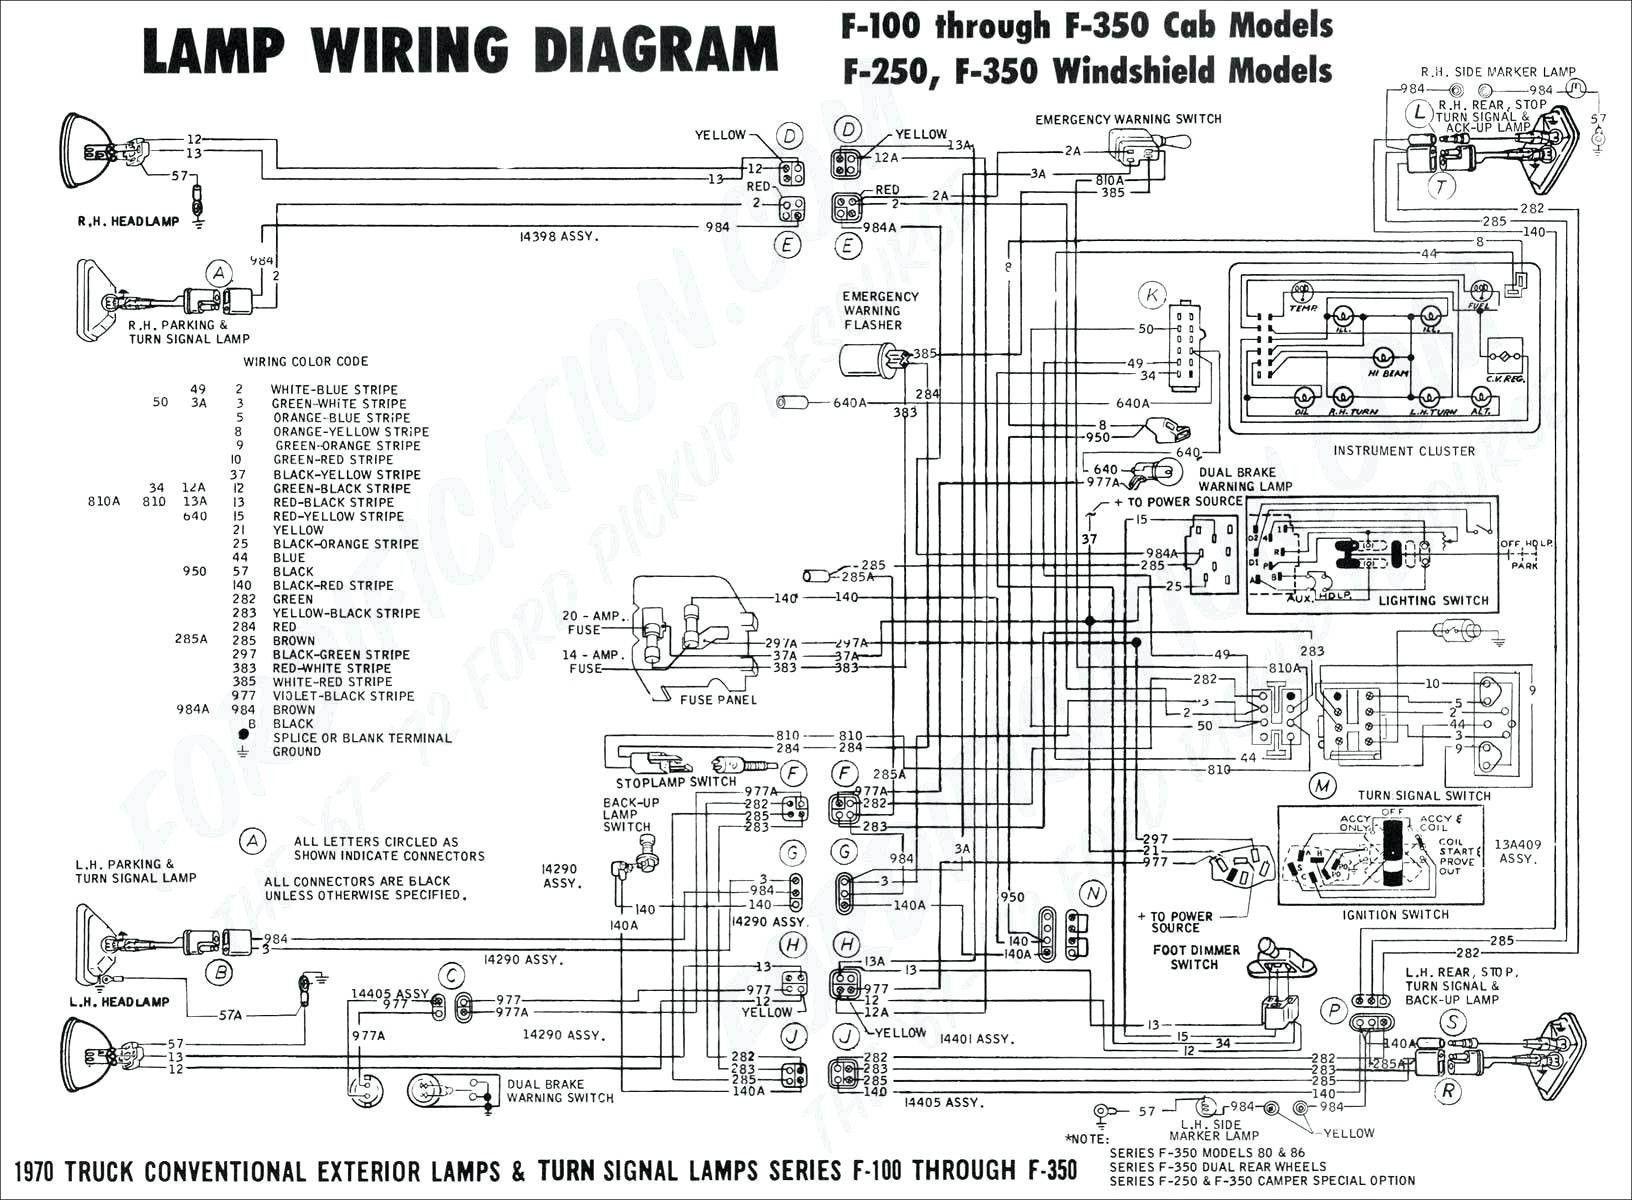 Unique 2008 Audi A4 Radio Wiring Diagram Diagram Diagramtemplate Diagramsample Diagrama De Circuito Electrico Circuito Electrico Diagrama De Circuito